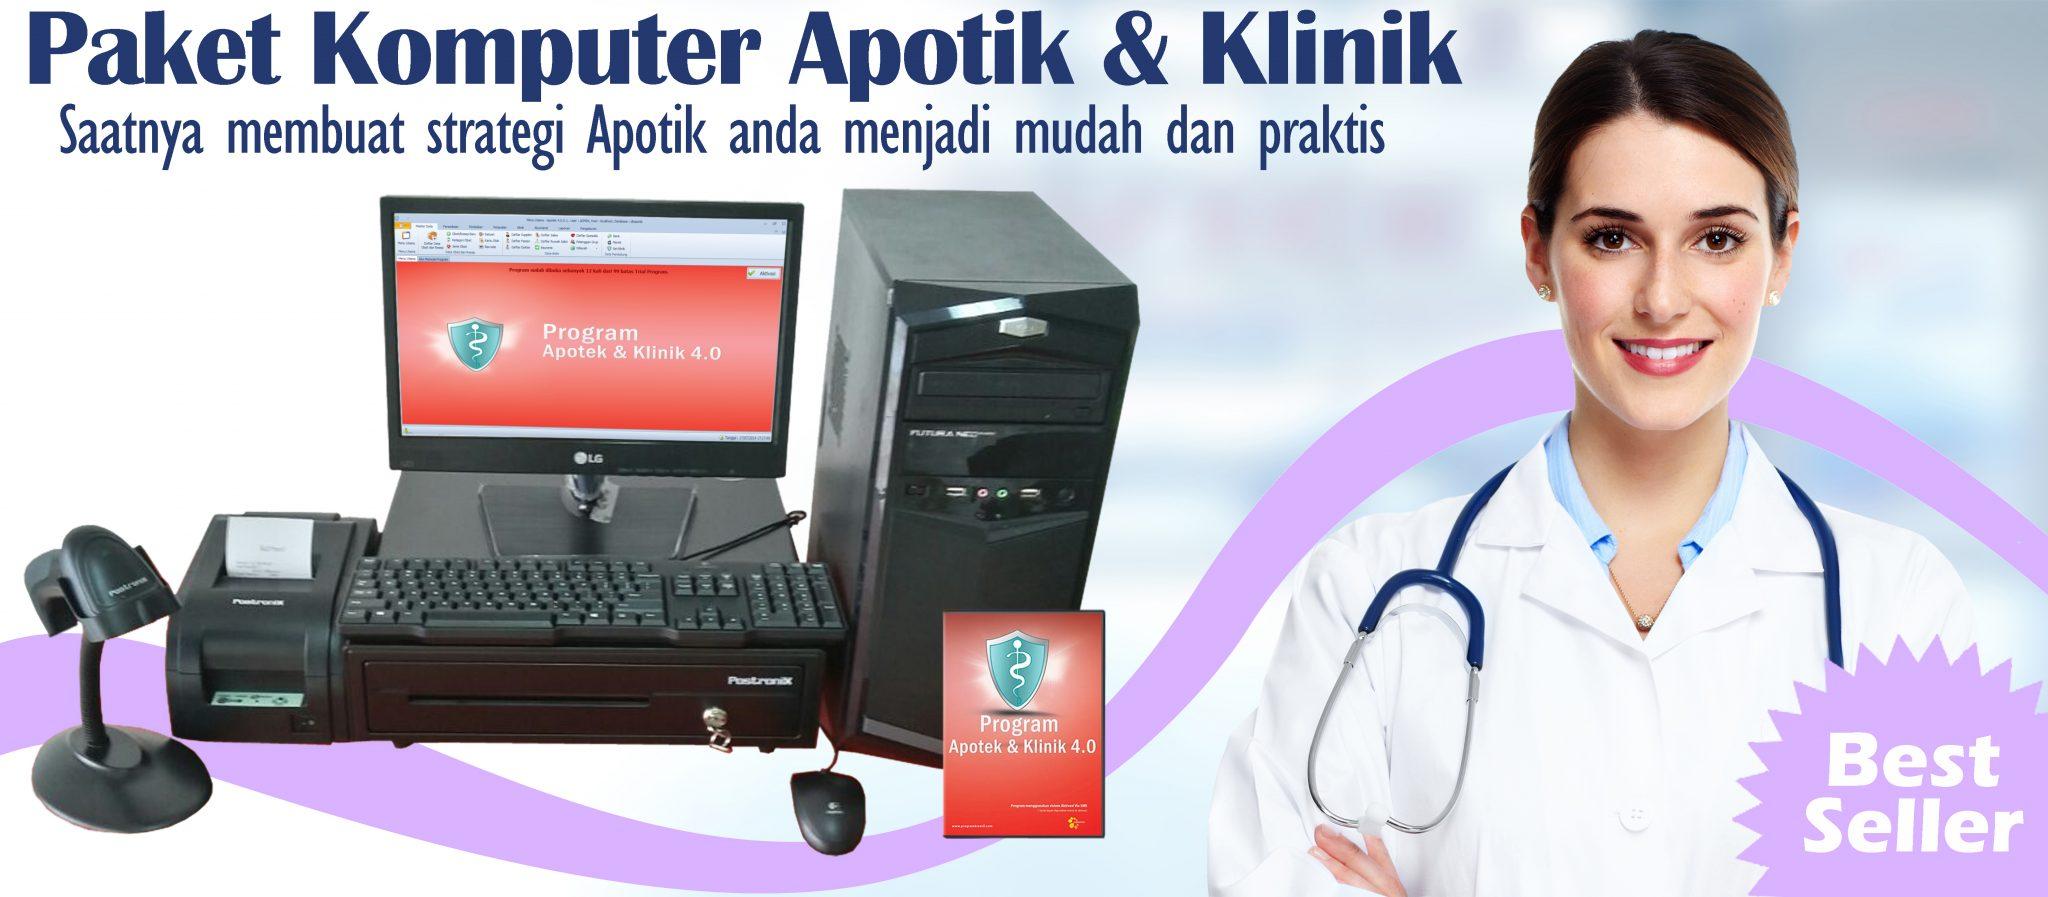 Jual Paket Komputer untuk Apotek dan Klinik